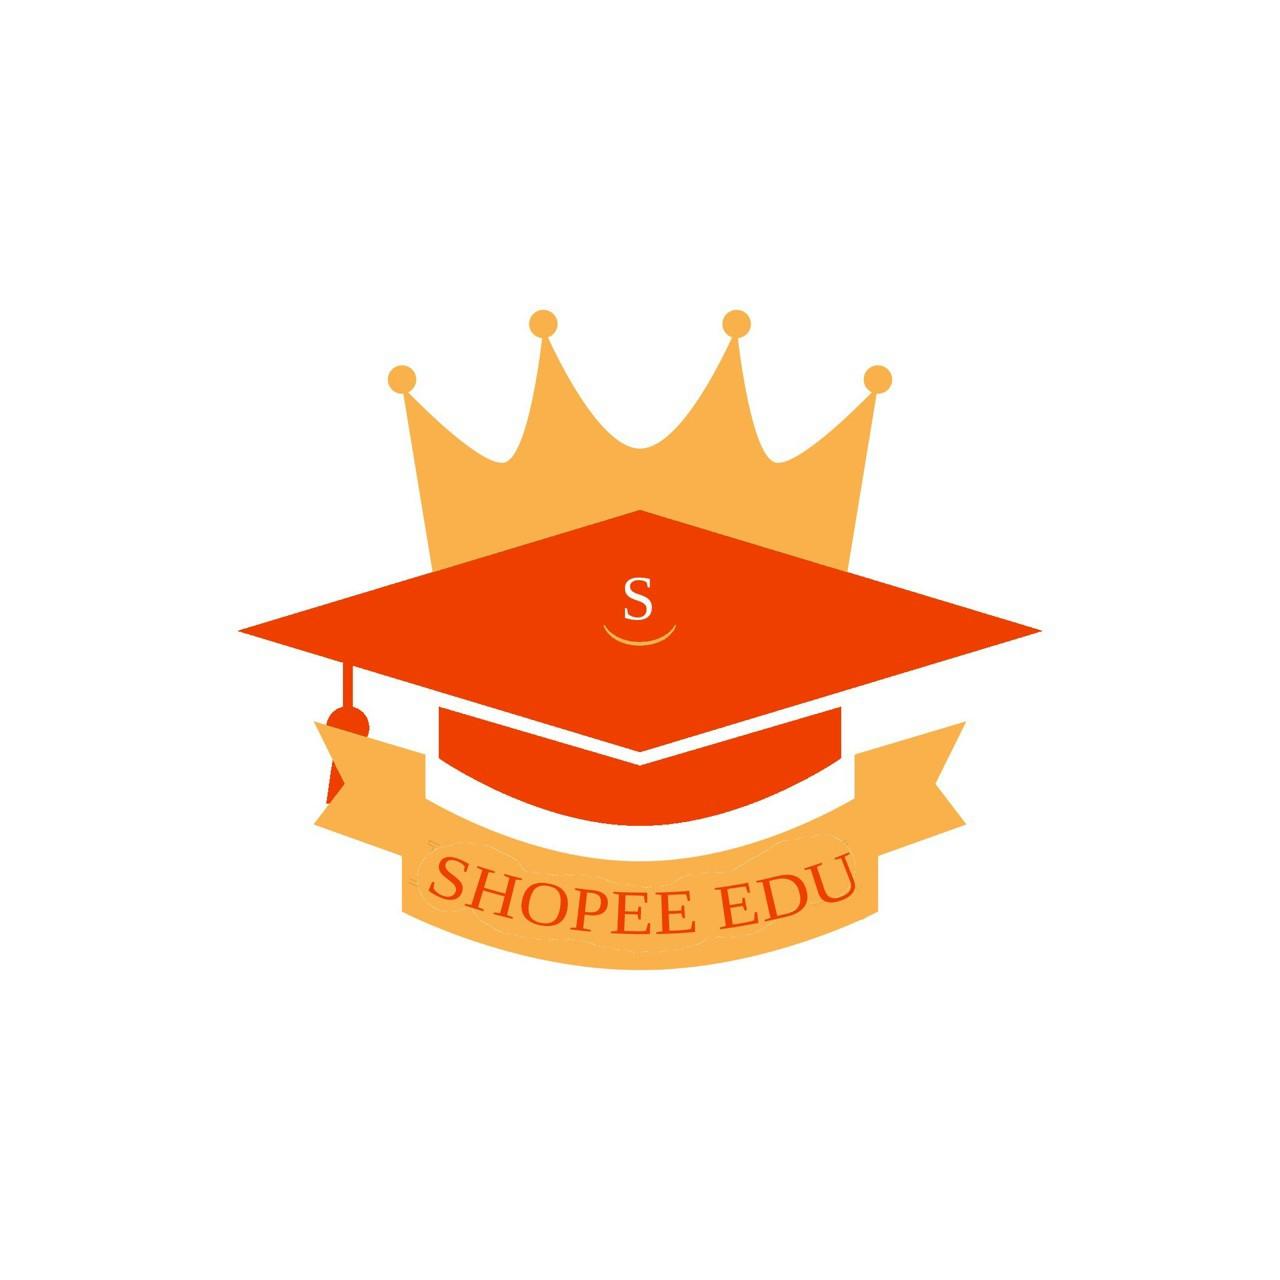 Logo Học viện đào tạo shopeeedu